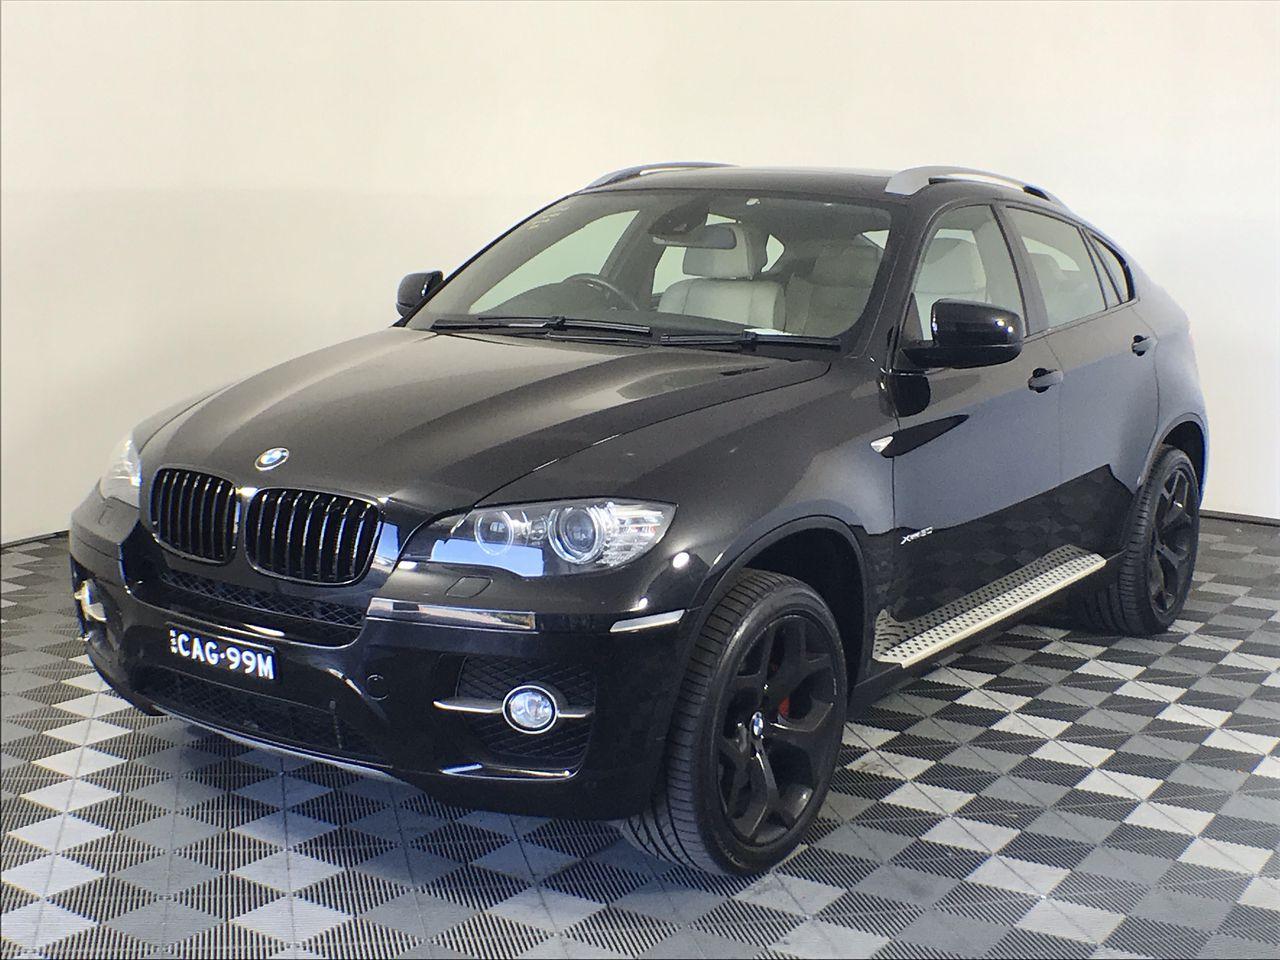 BMW X6 xDrive 50i E71 LCI Automatic - 8 Speed Coupe